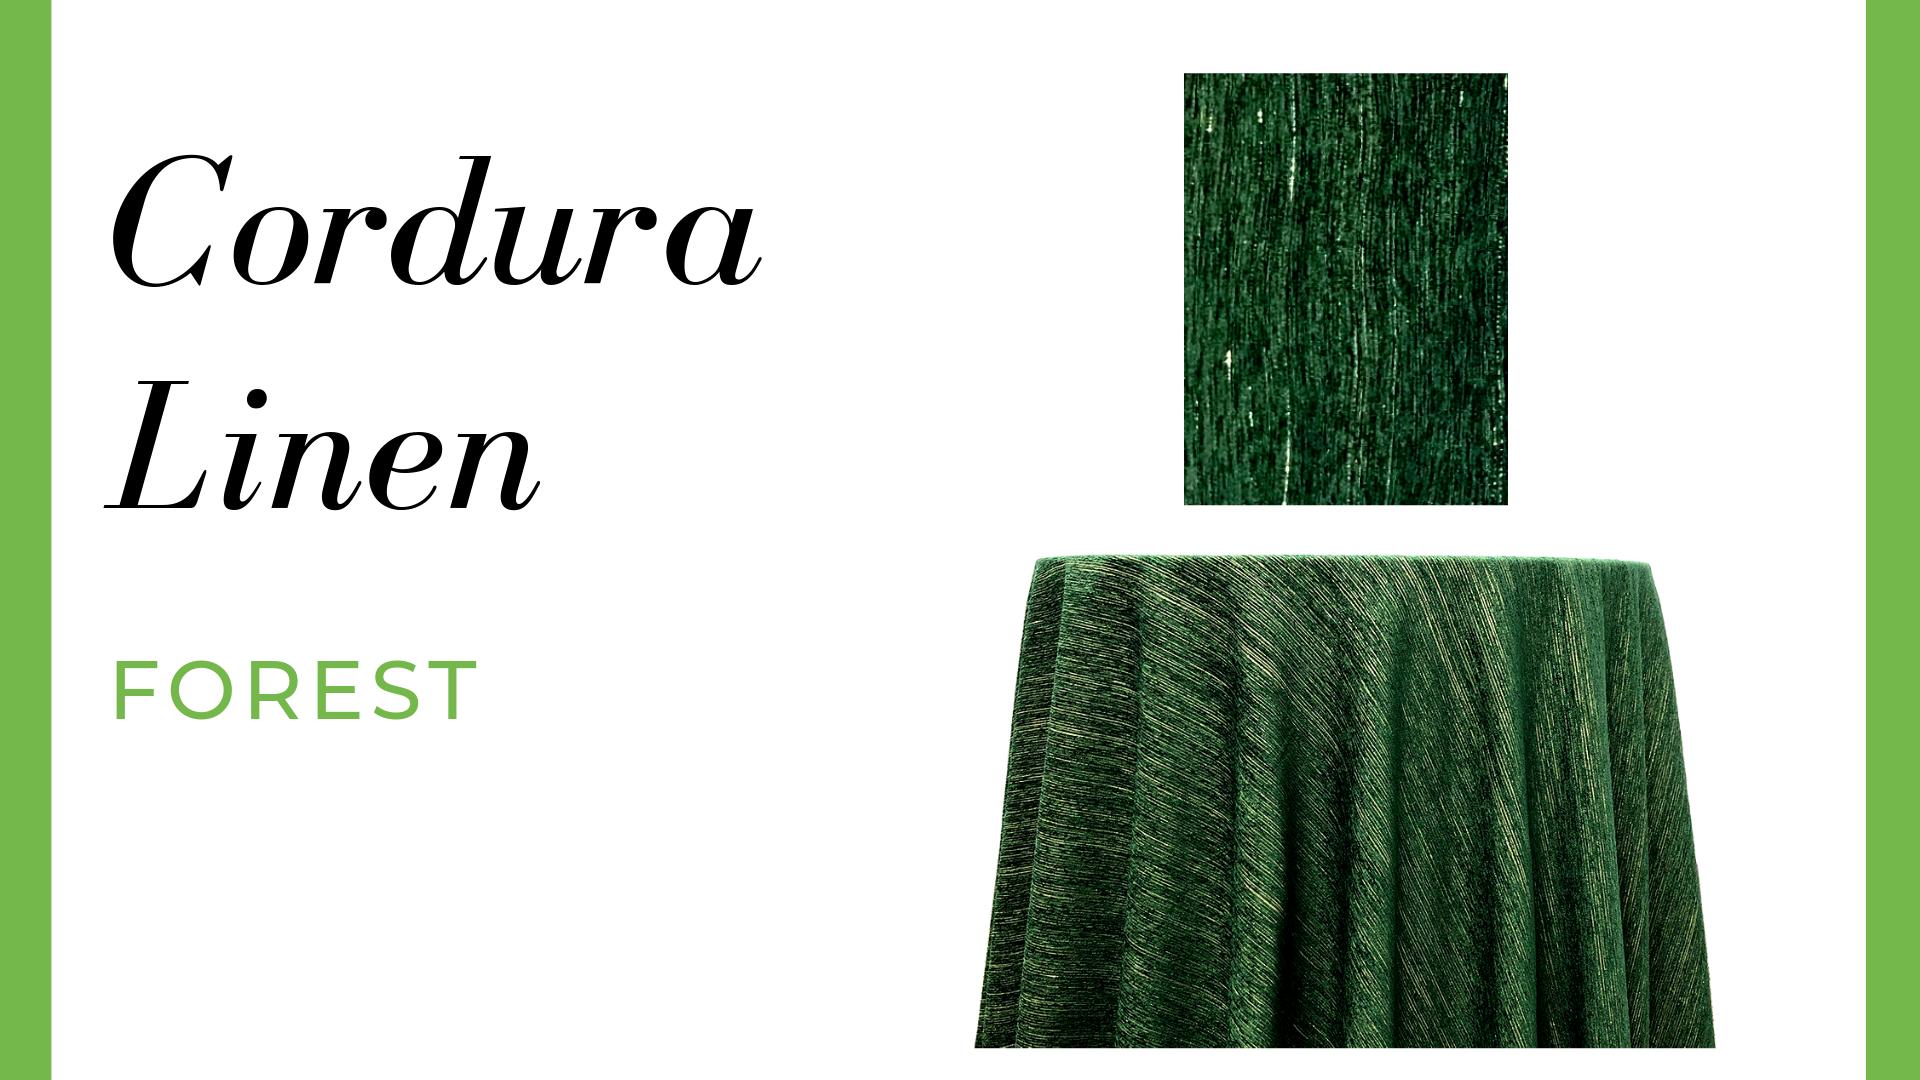 Cordura Linen - Forest